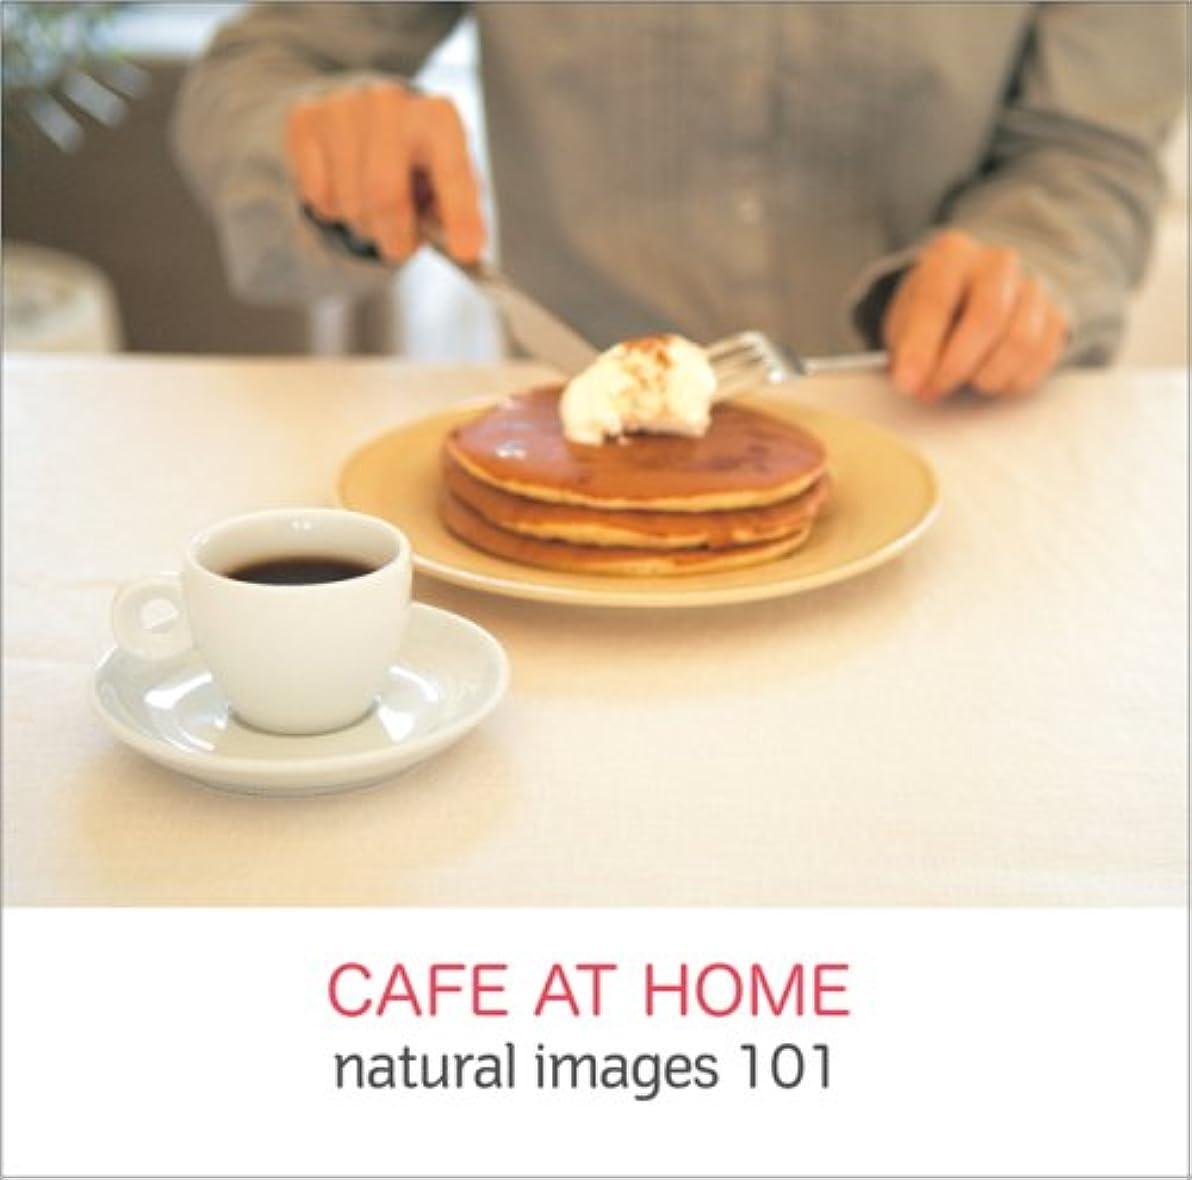 姿勢眠っている序文natural images Vol.101 CAFE AT HOME